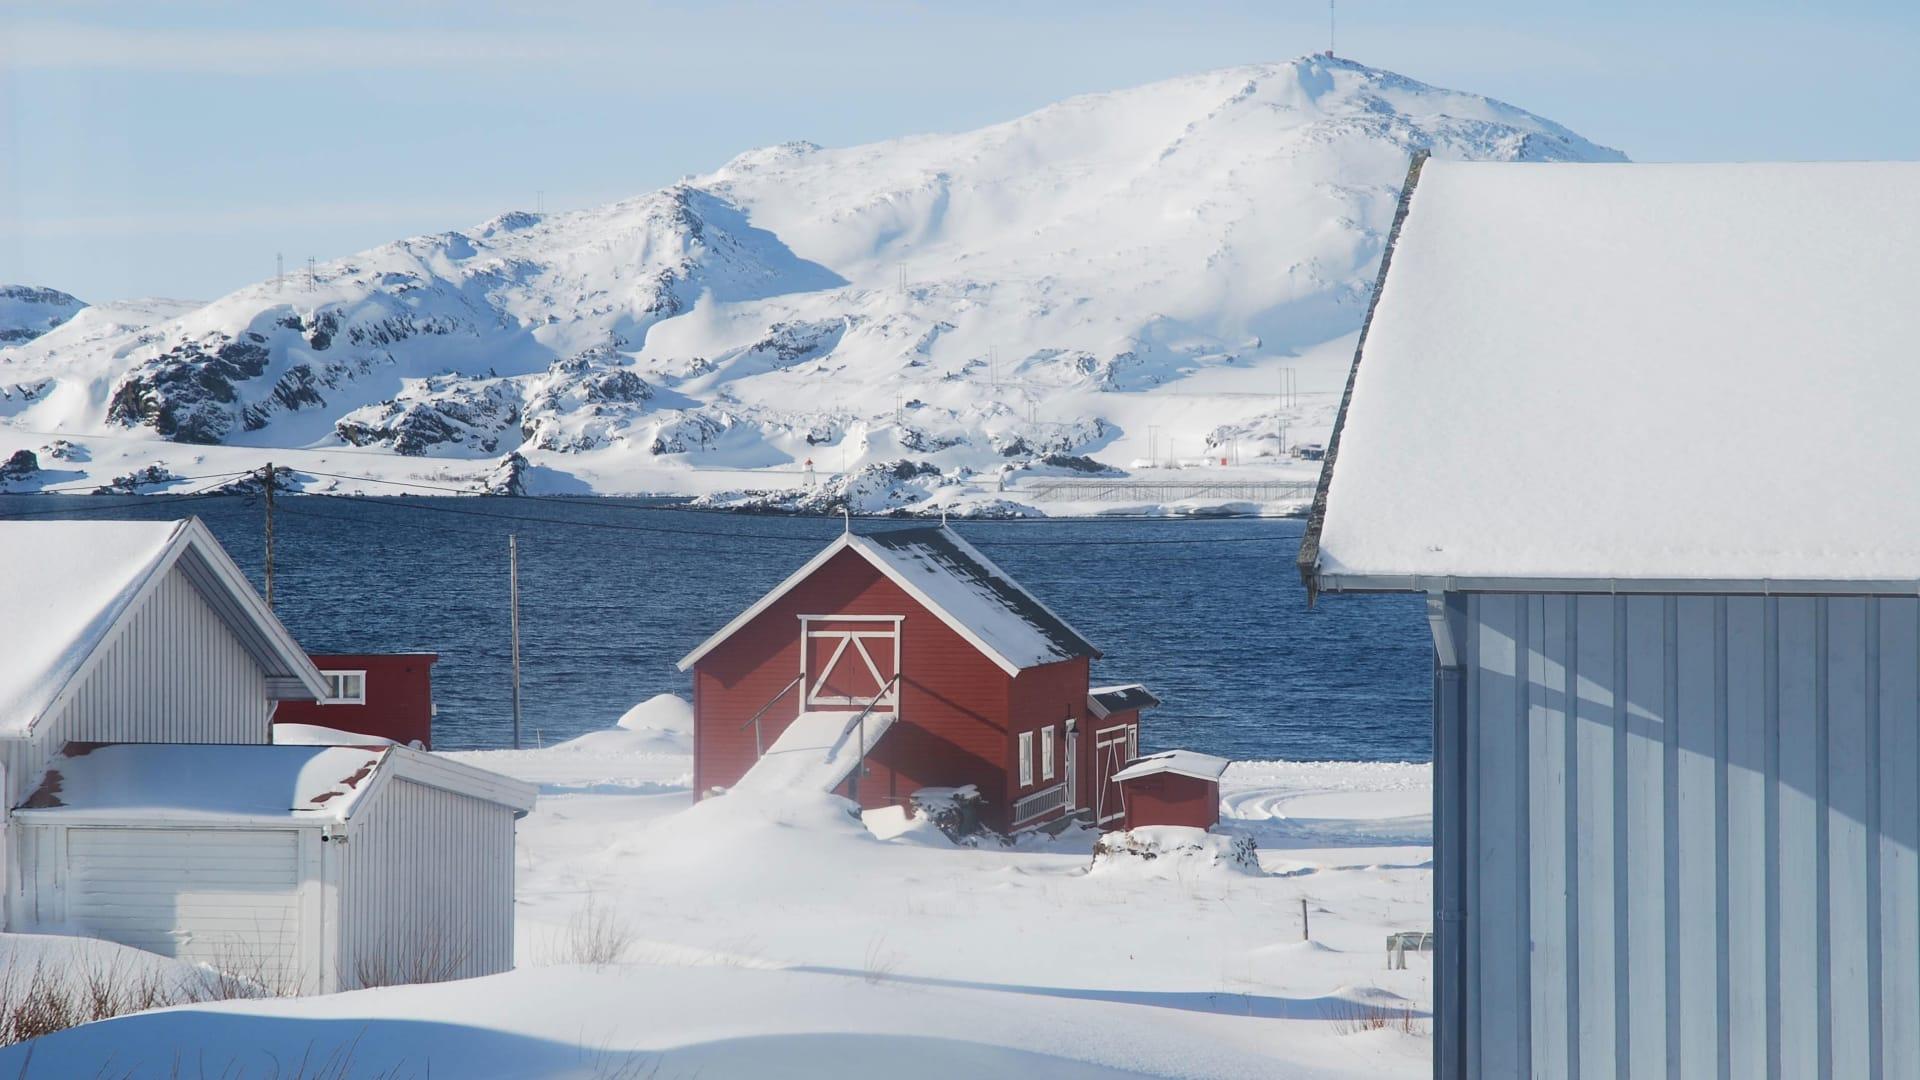 عزلة اختيارية..امراة تقضي فترة إغلاق الجائحة في القطب الشمال